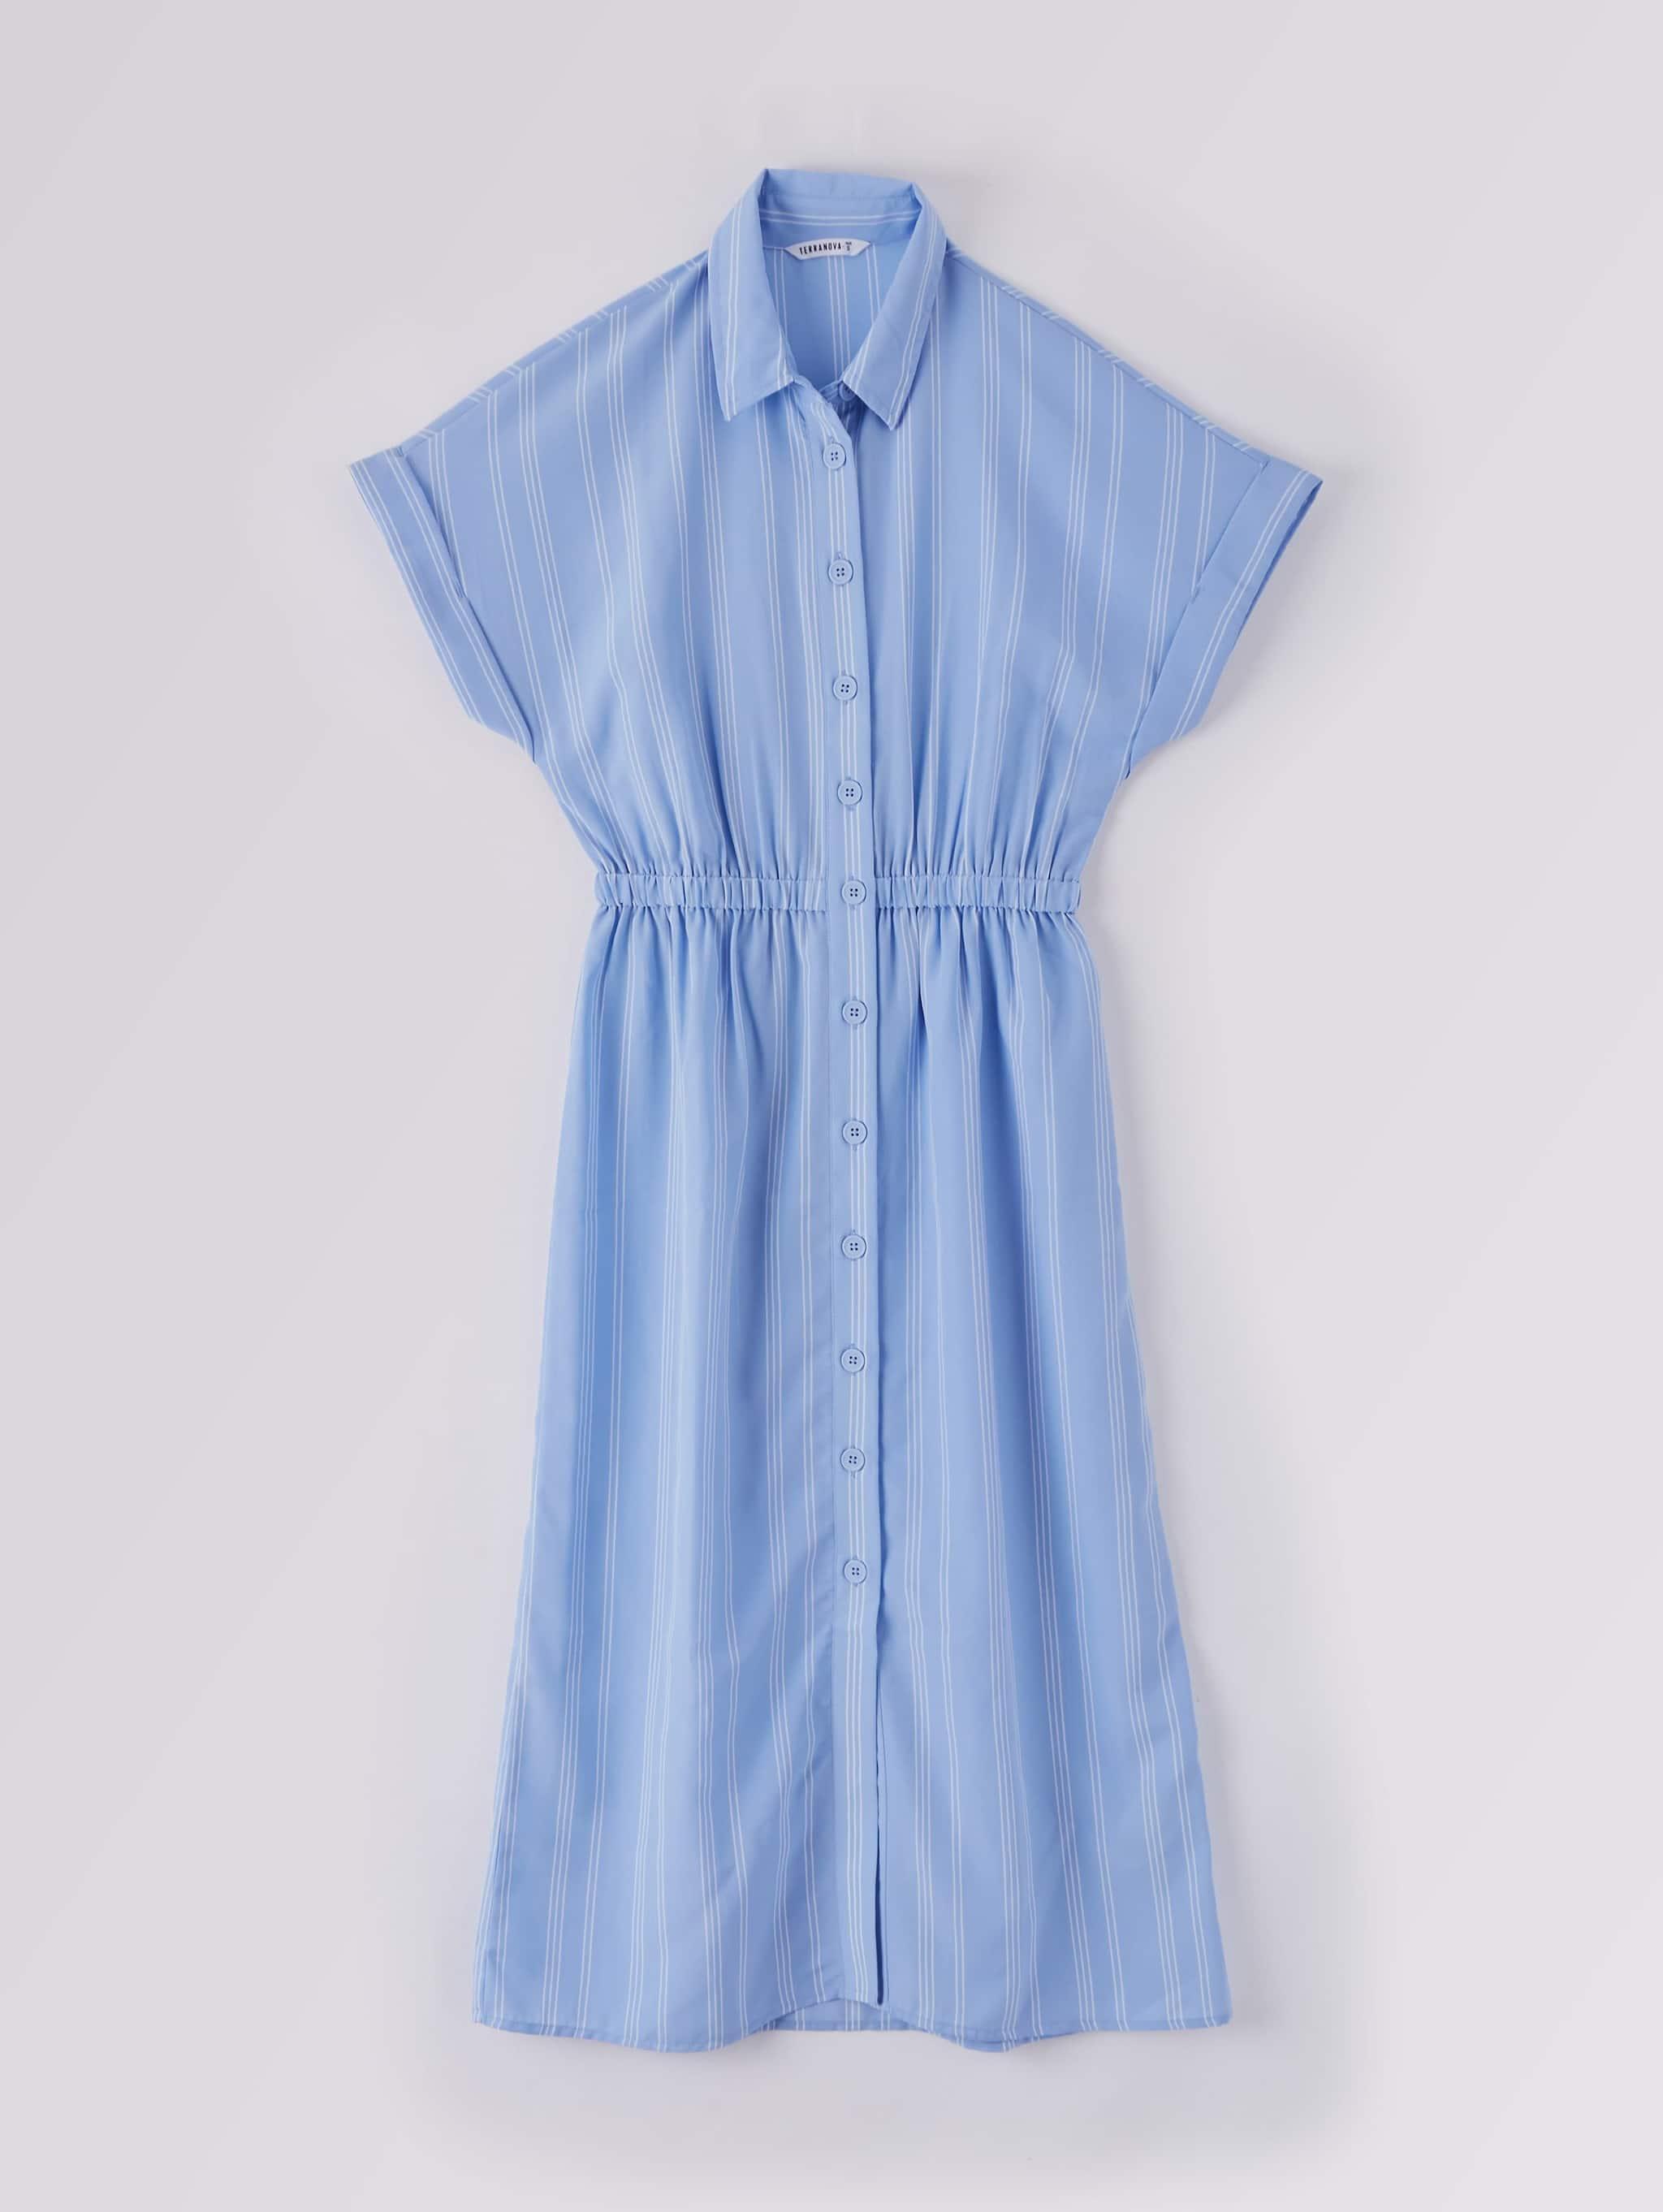 Var Hellblau Chemisier-Kleid, lang, gestreift  Terranova